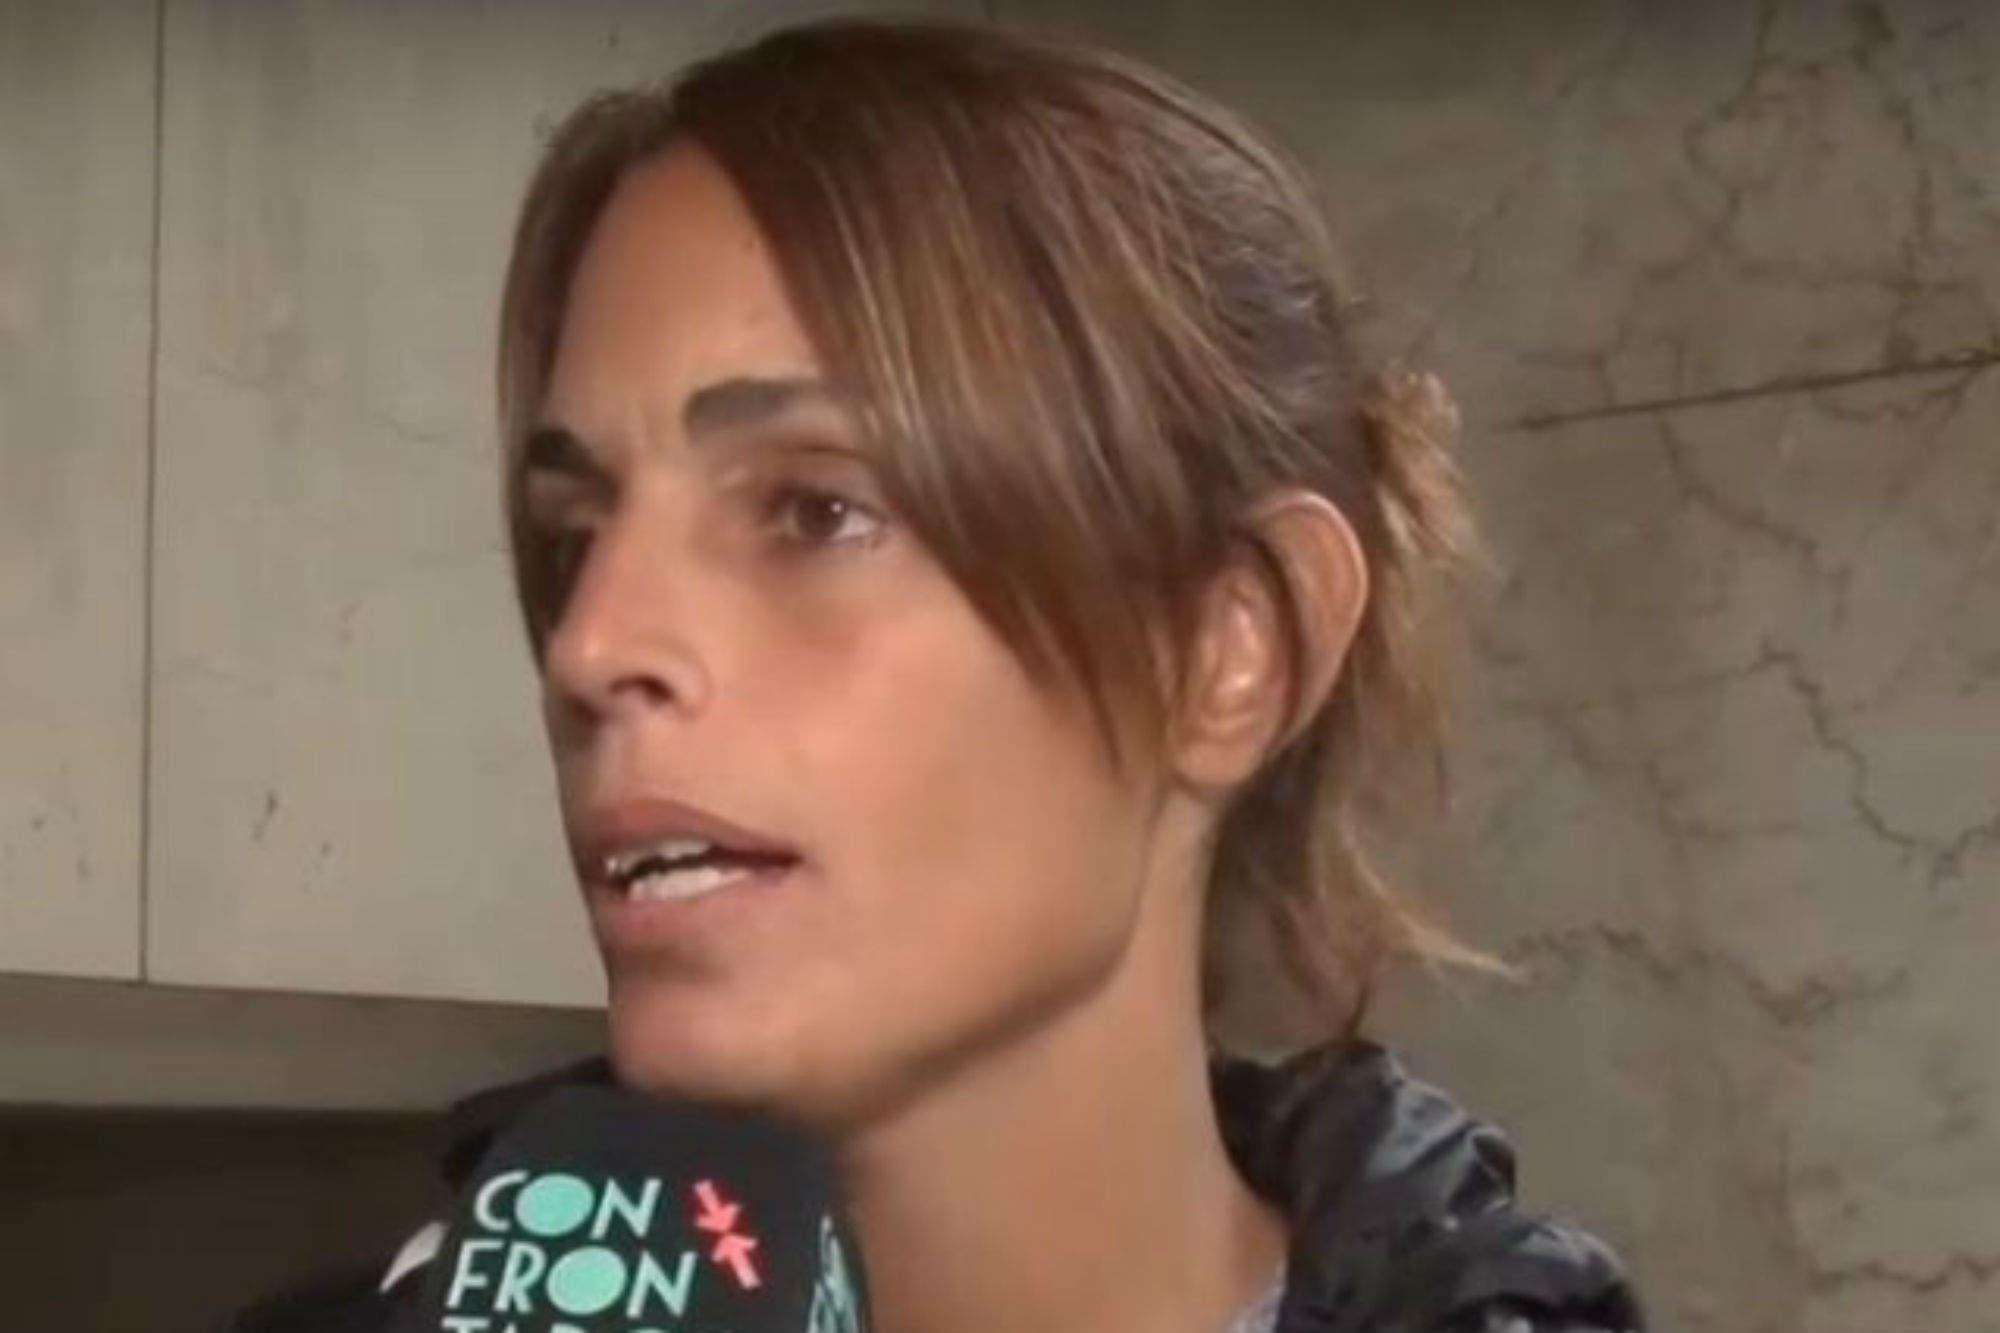 Mucho antes de conocerlo, la novia de Sergio Denis buscó pareja en televisión